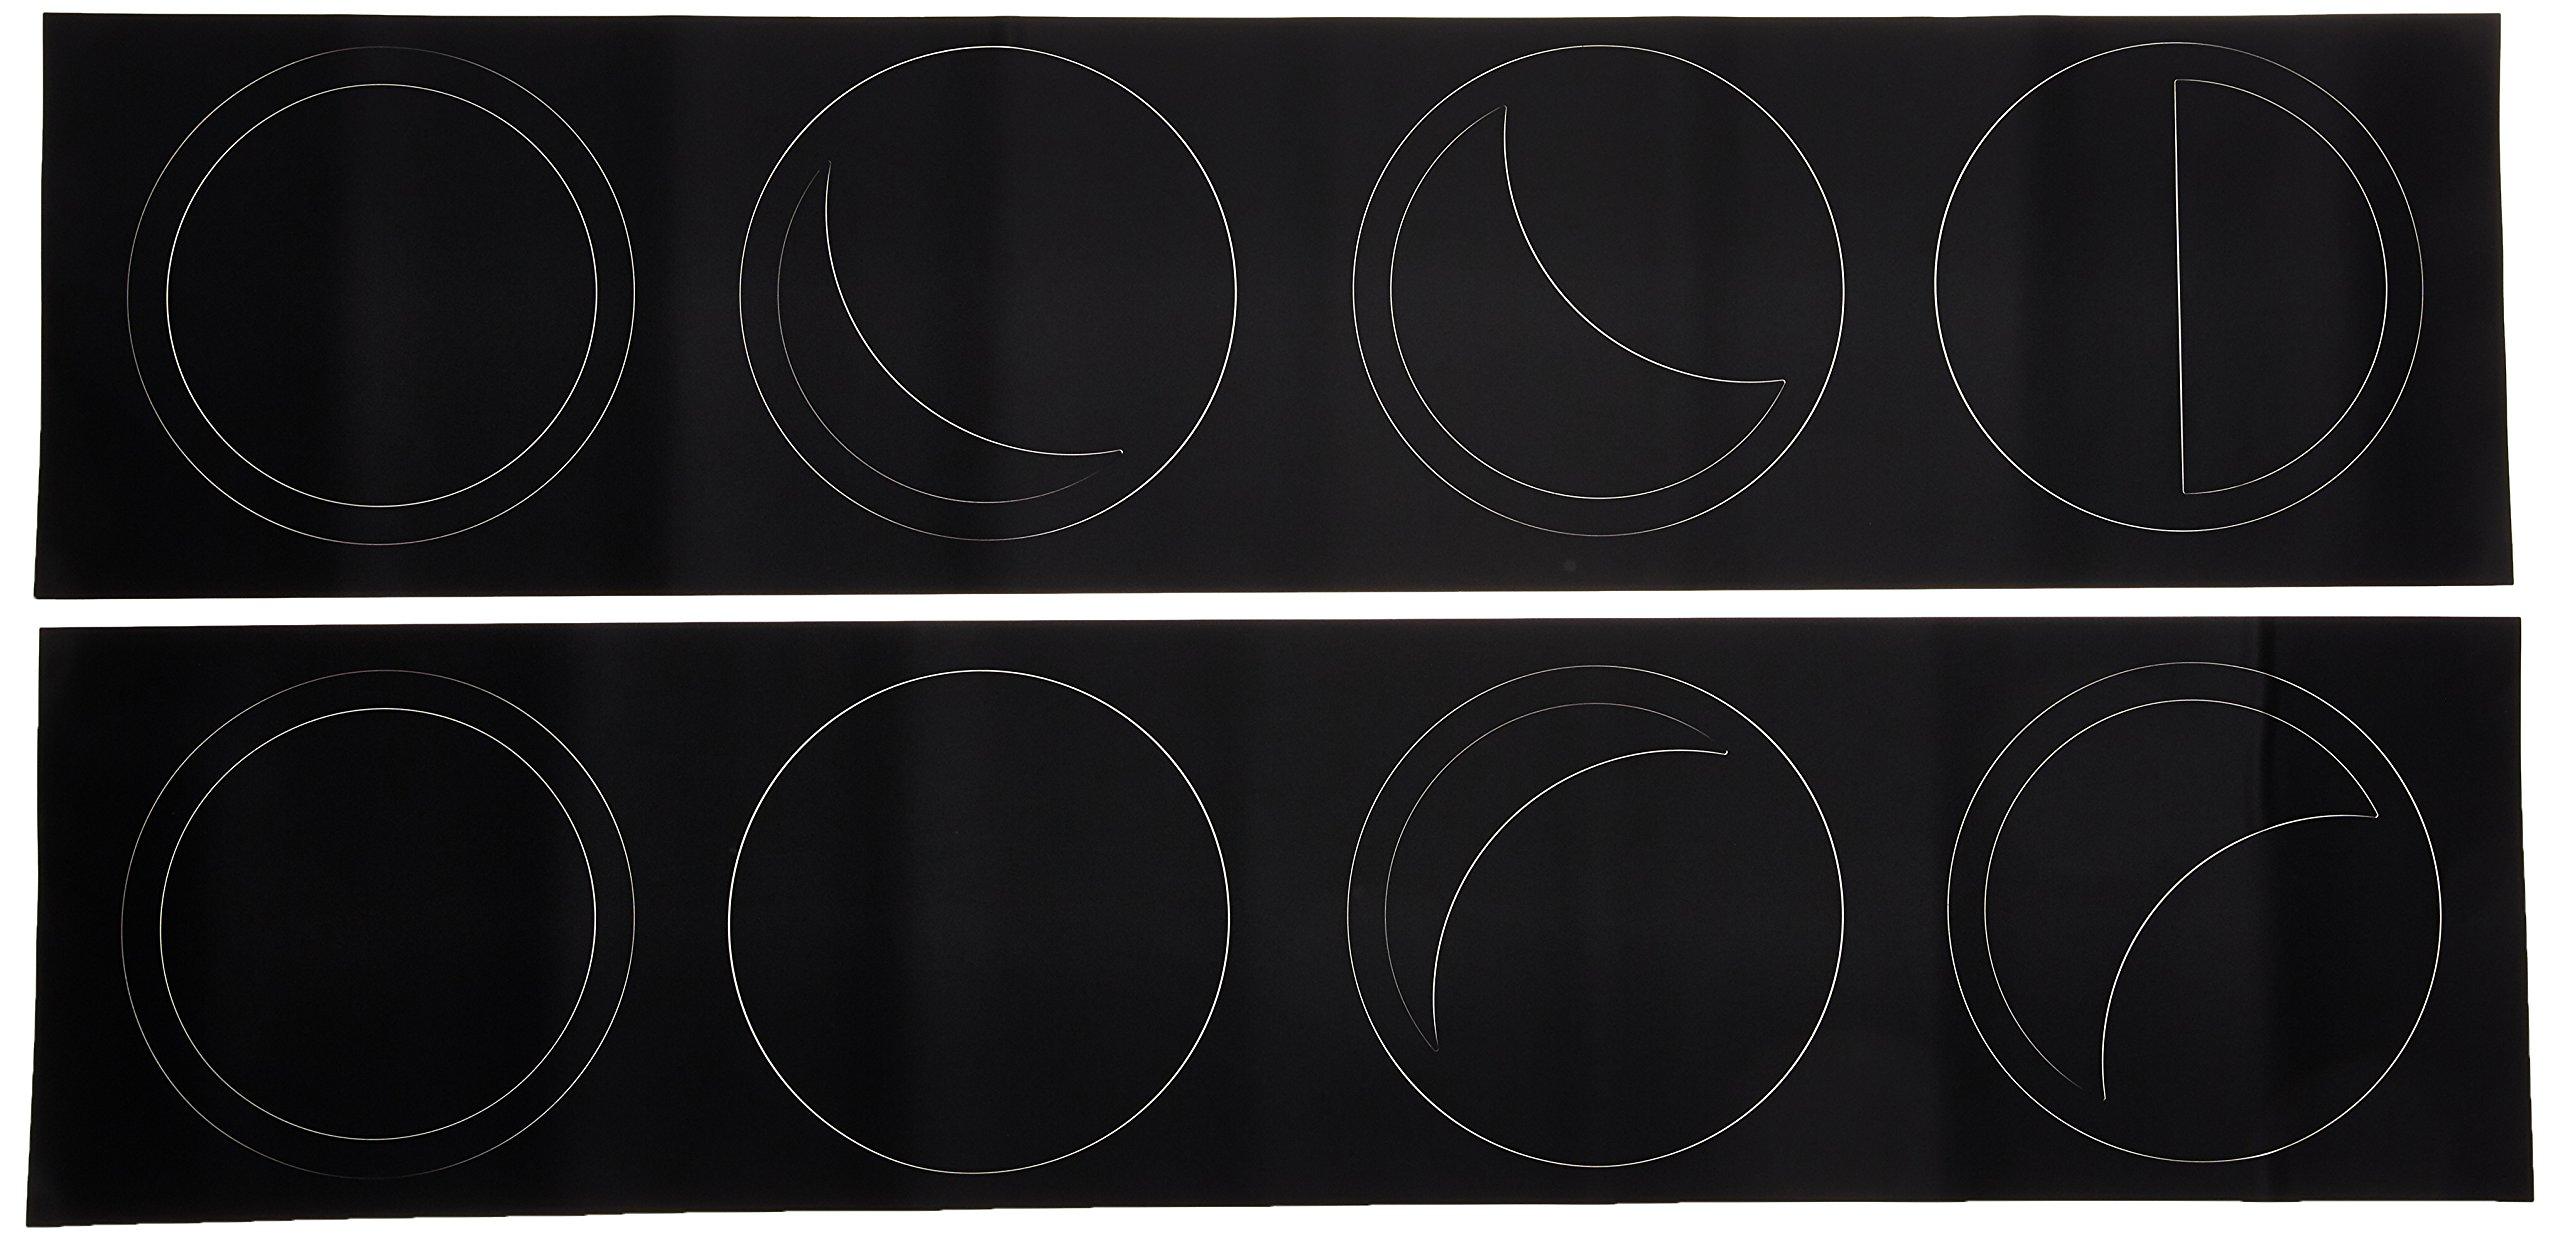 Vinilo Decorativo Pared [7DGNZQP6] luna fases